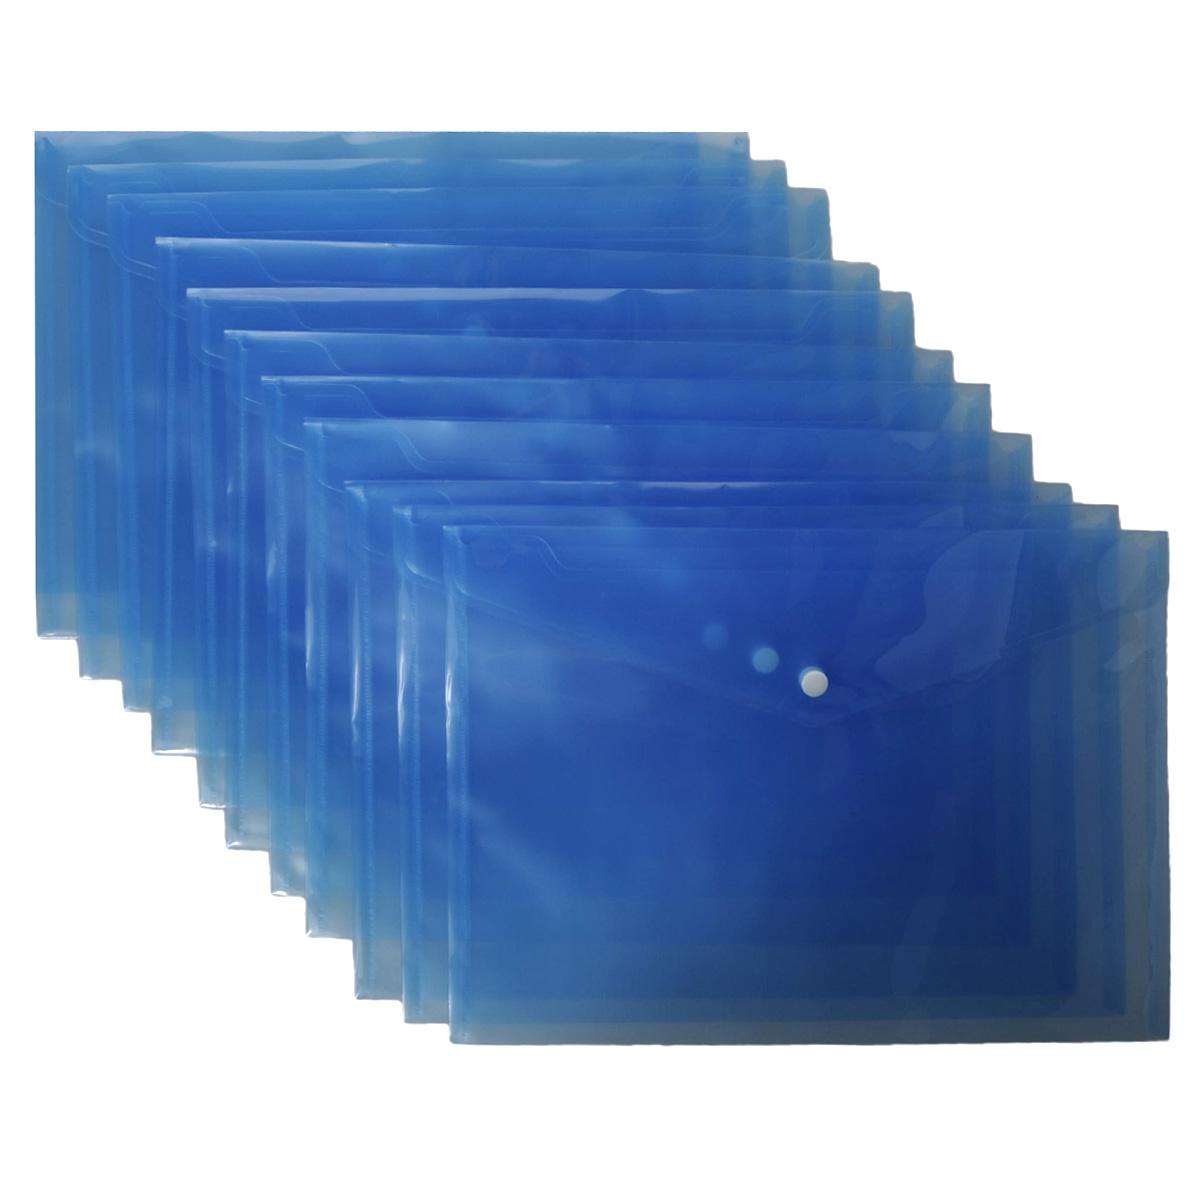 Папка-конверт на кнопке  Centrum , цвет: синий. Формат А4, 12 шт -  Папки